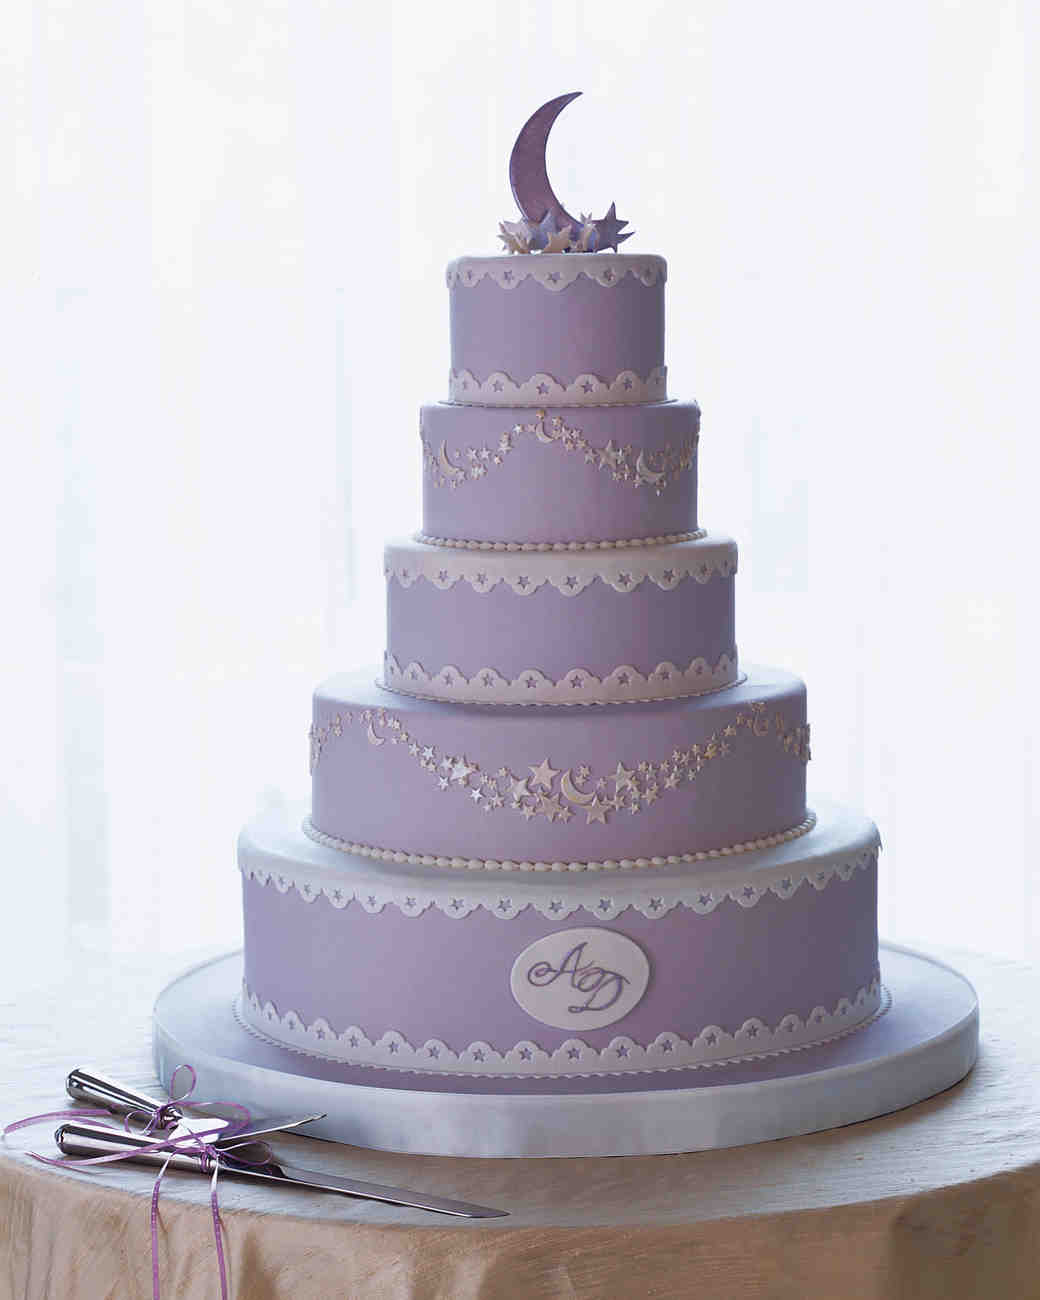 movie-inspired-weddings-it-happened-one-night-0215.jpg